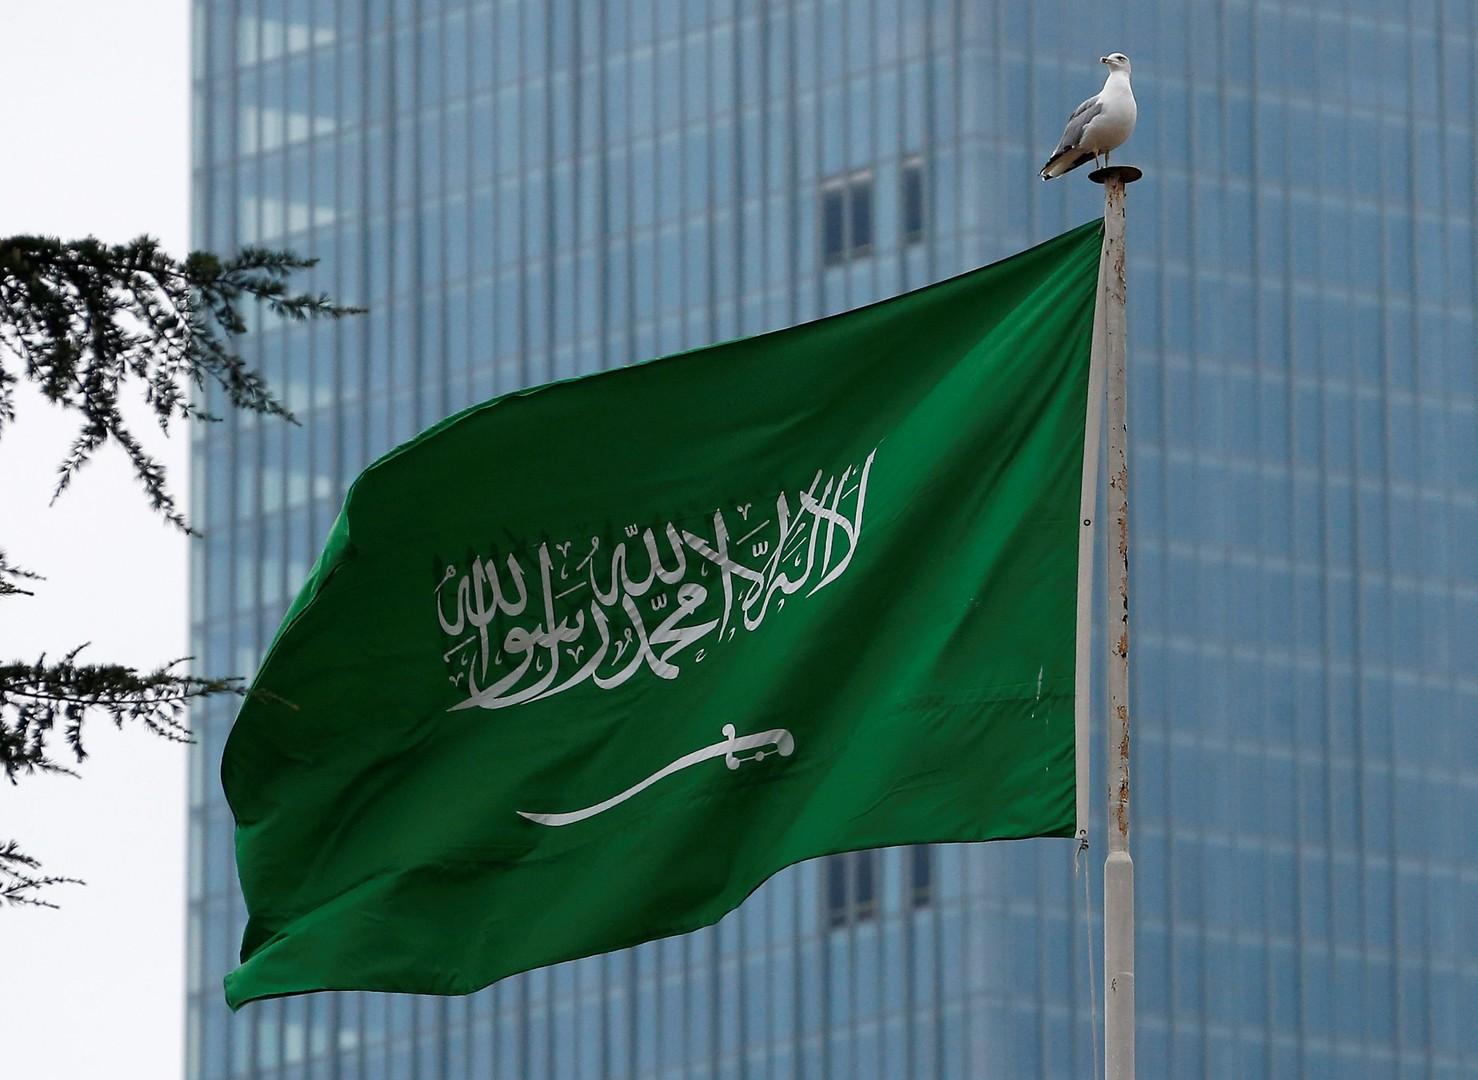 السعودية تحذر من العملات الافتراضية